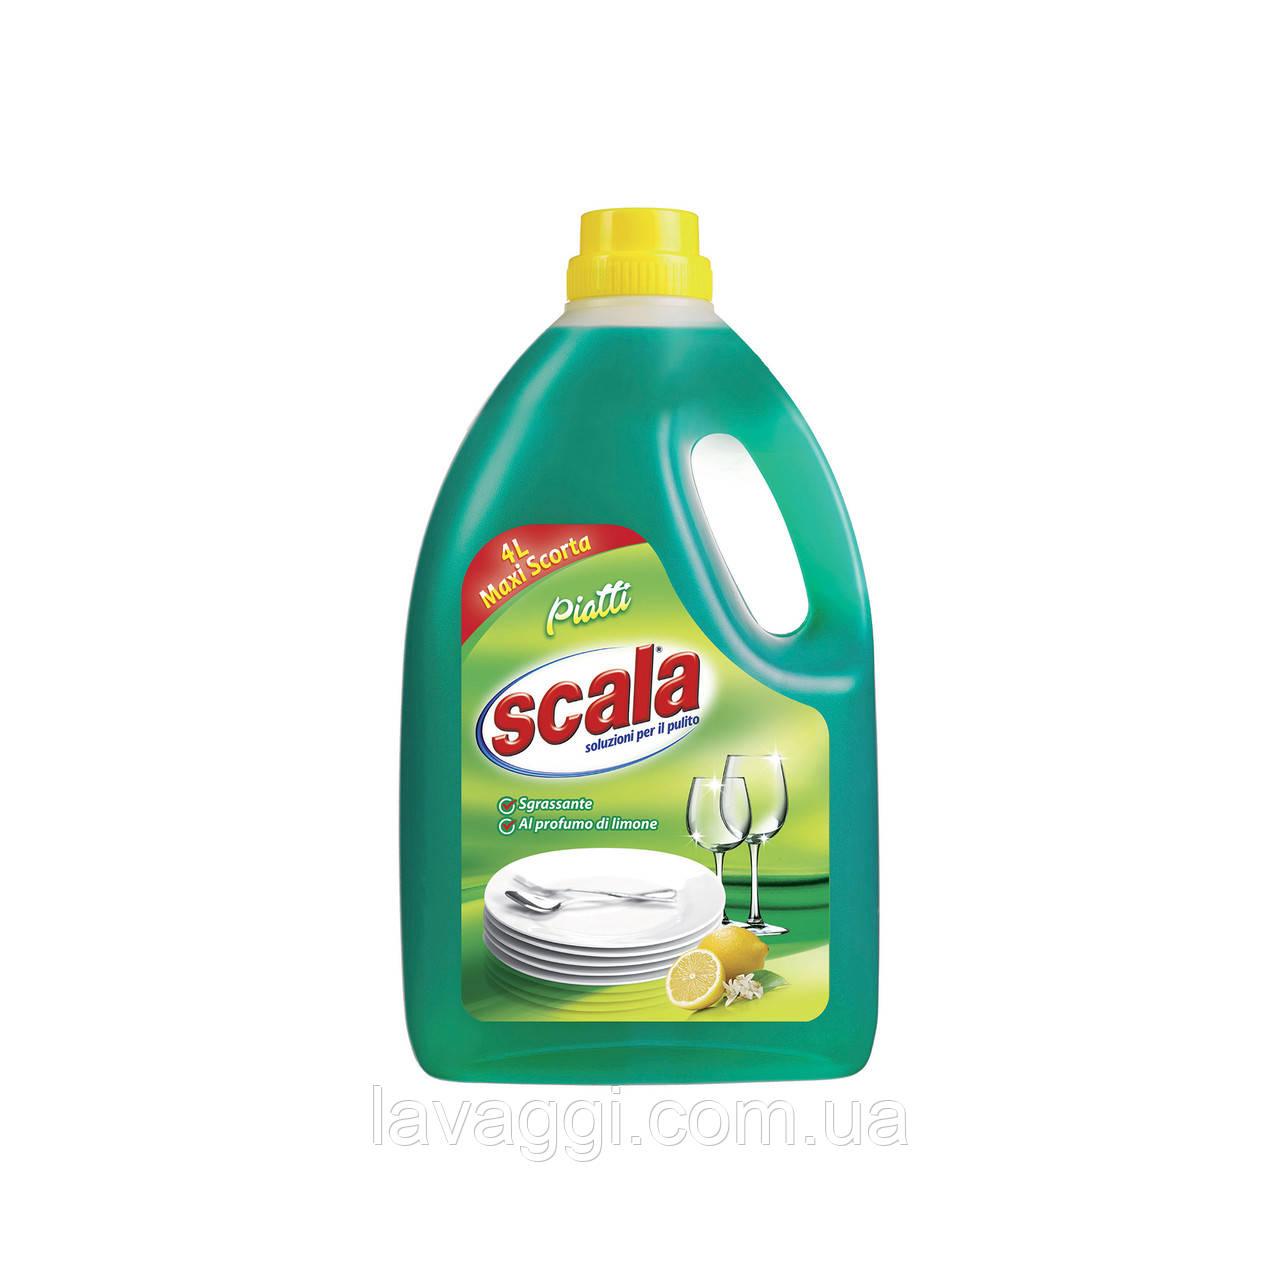 Засіб для миття посуду Scala Piatti Limone 4L